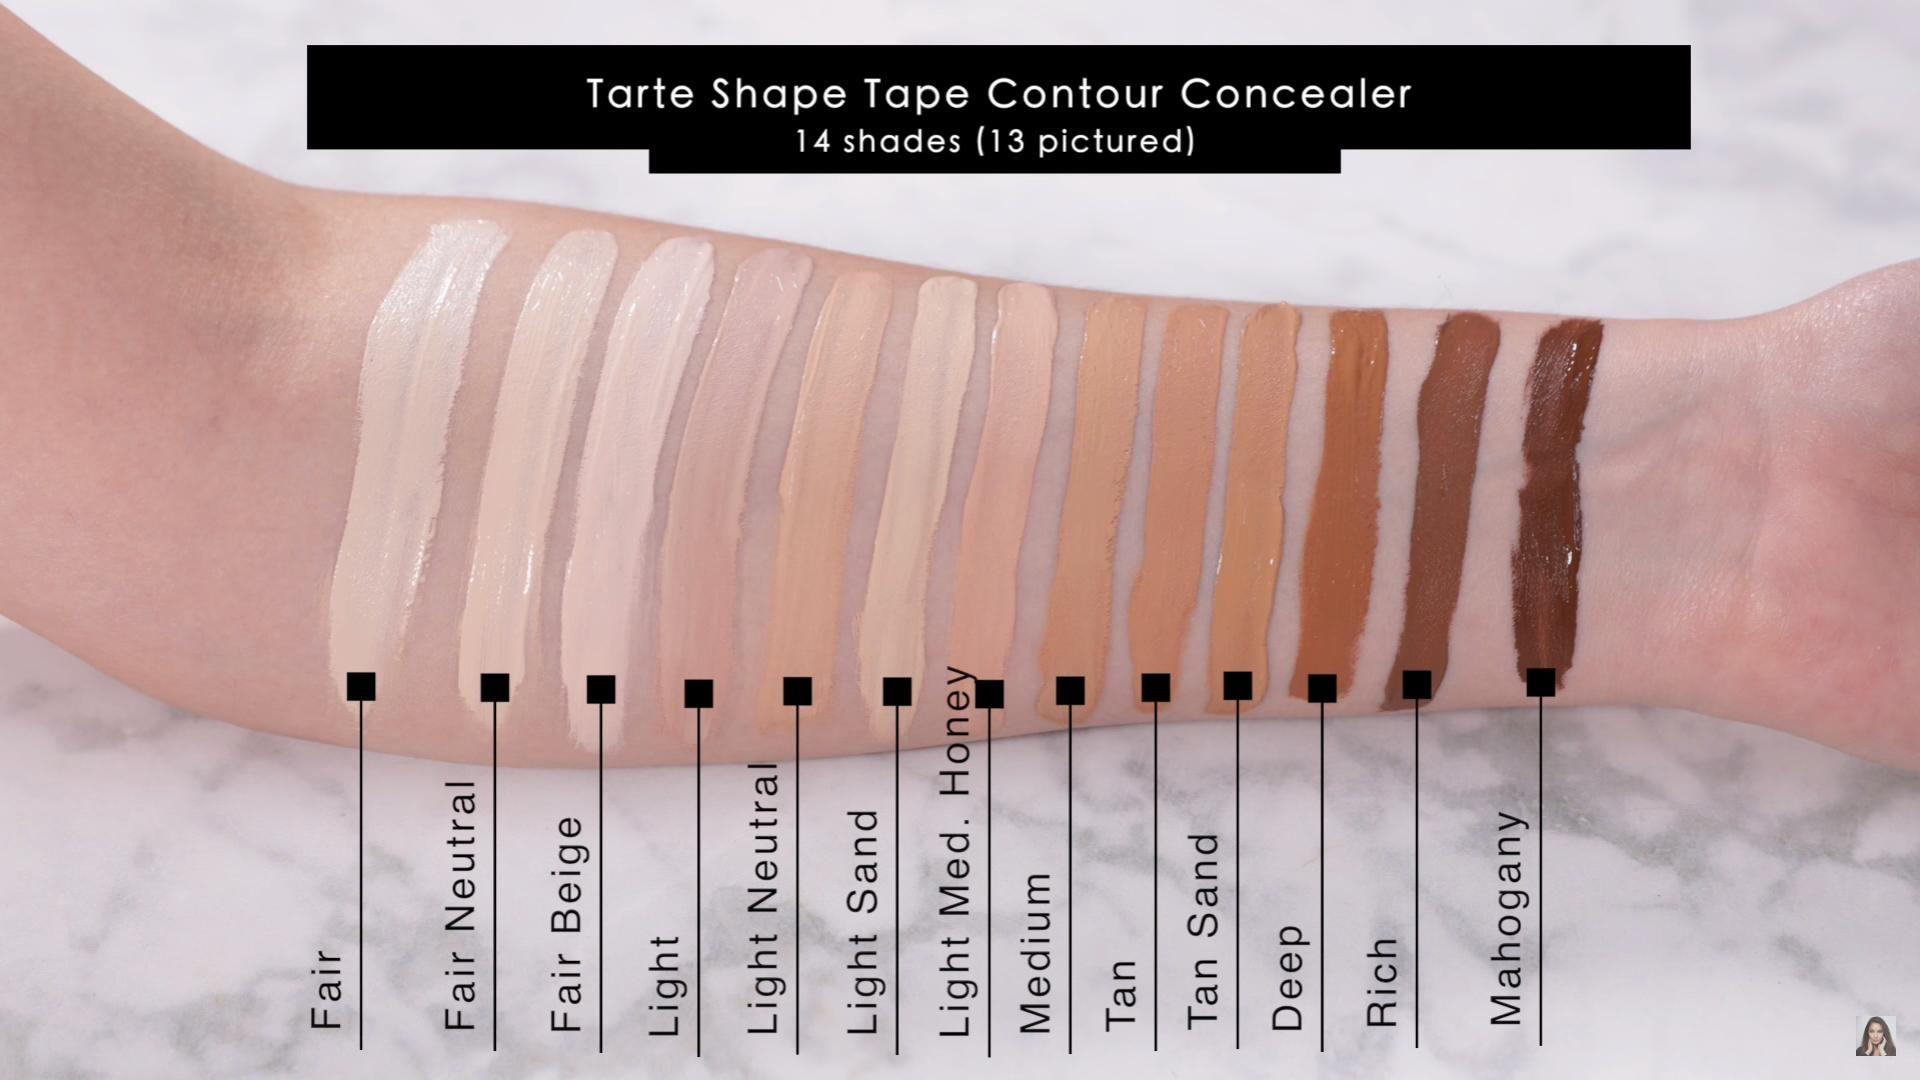 Nars Soft Matte Complete Concealer Vs Tarte Shape Tape